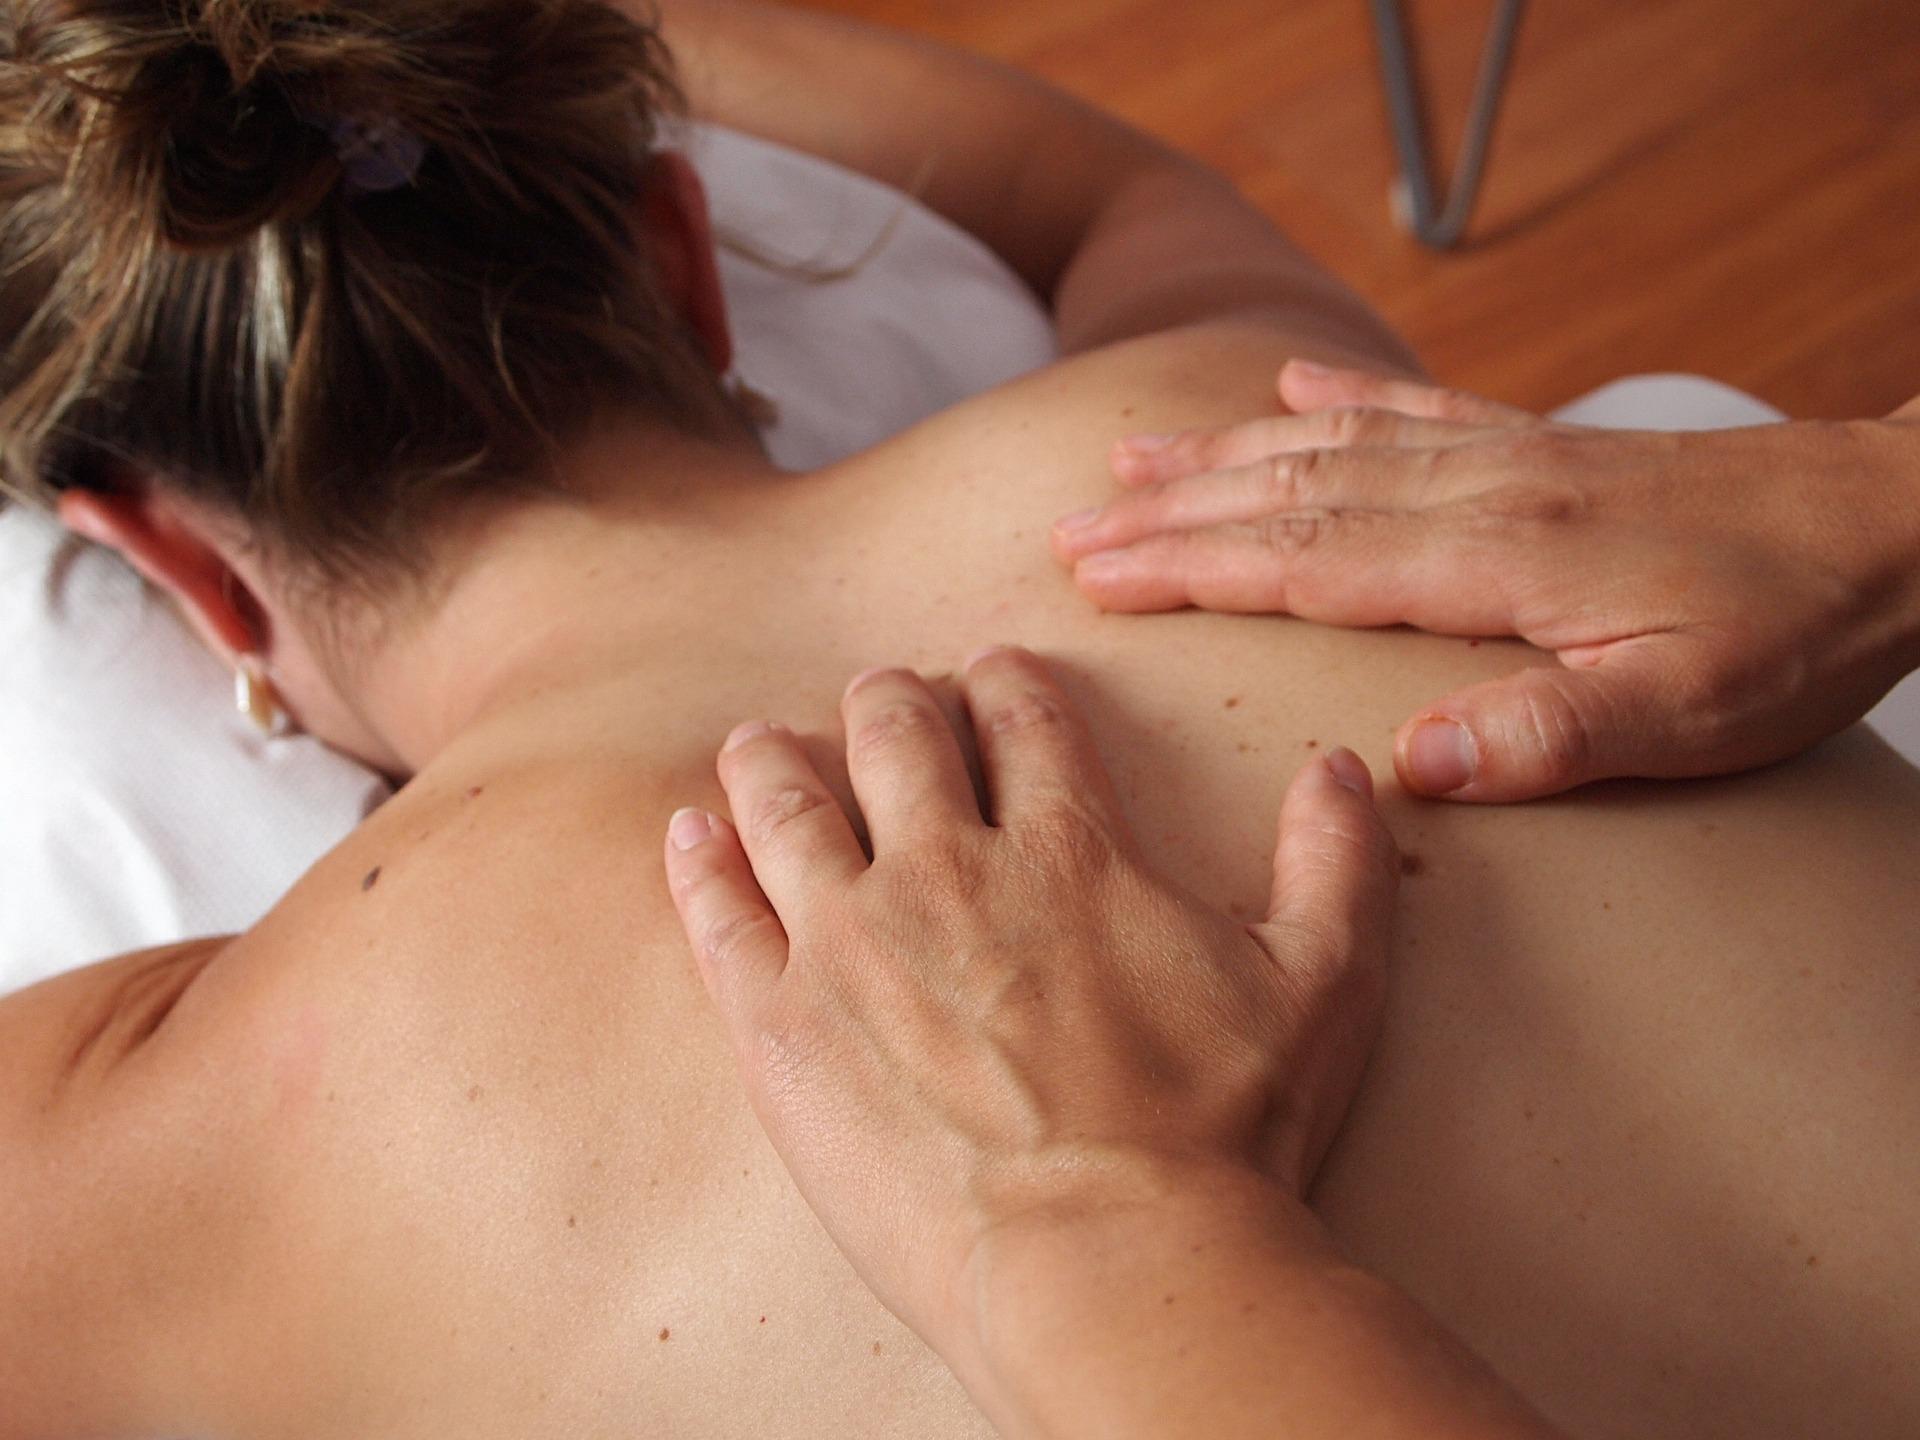 El masaje terapeútico y sus beneficios